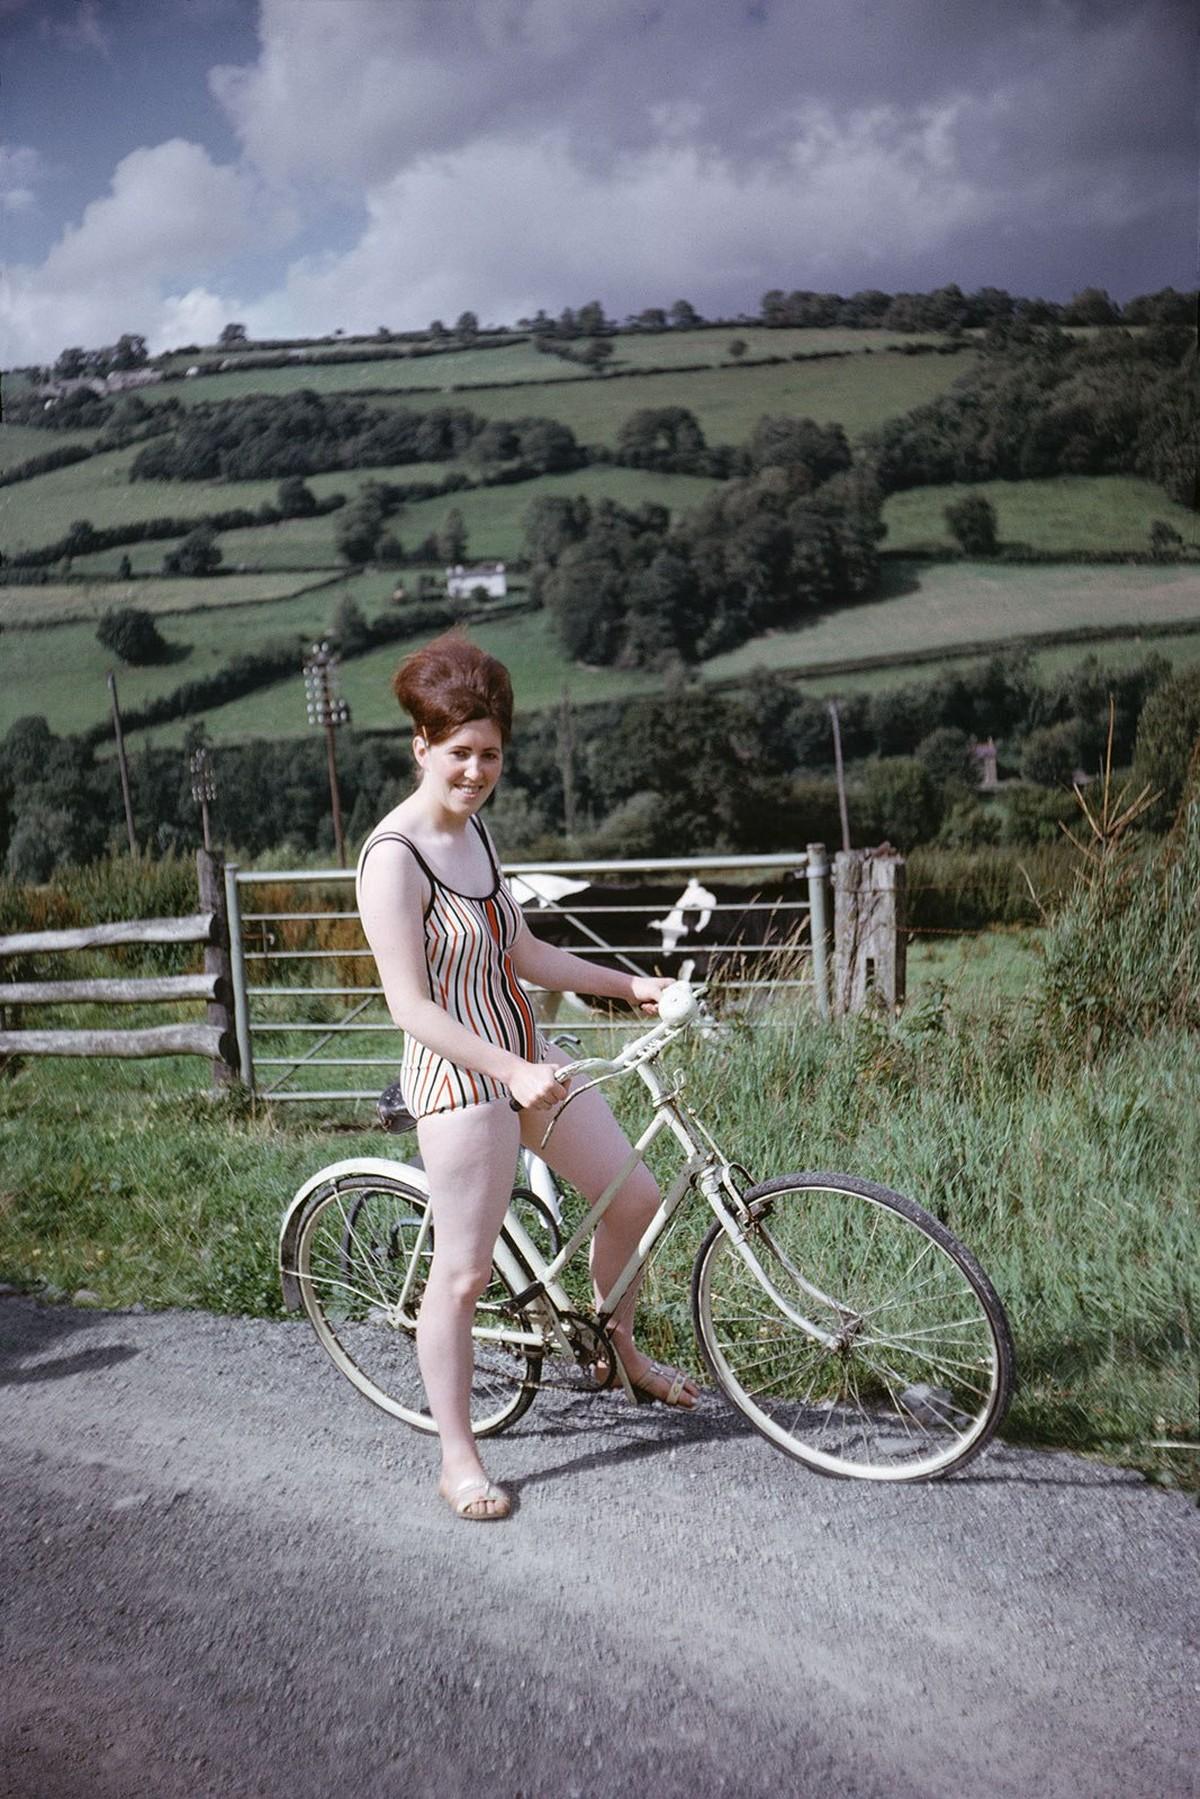 Жизнь в Британии 1940-1970-х в анонимном фотопроекте